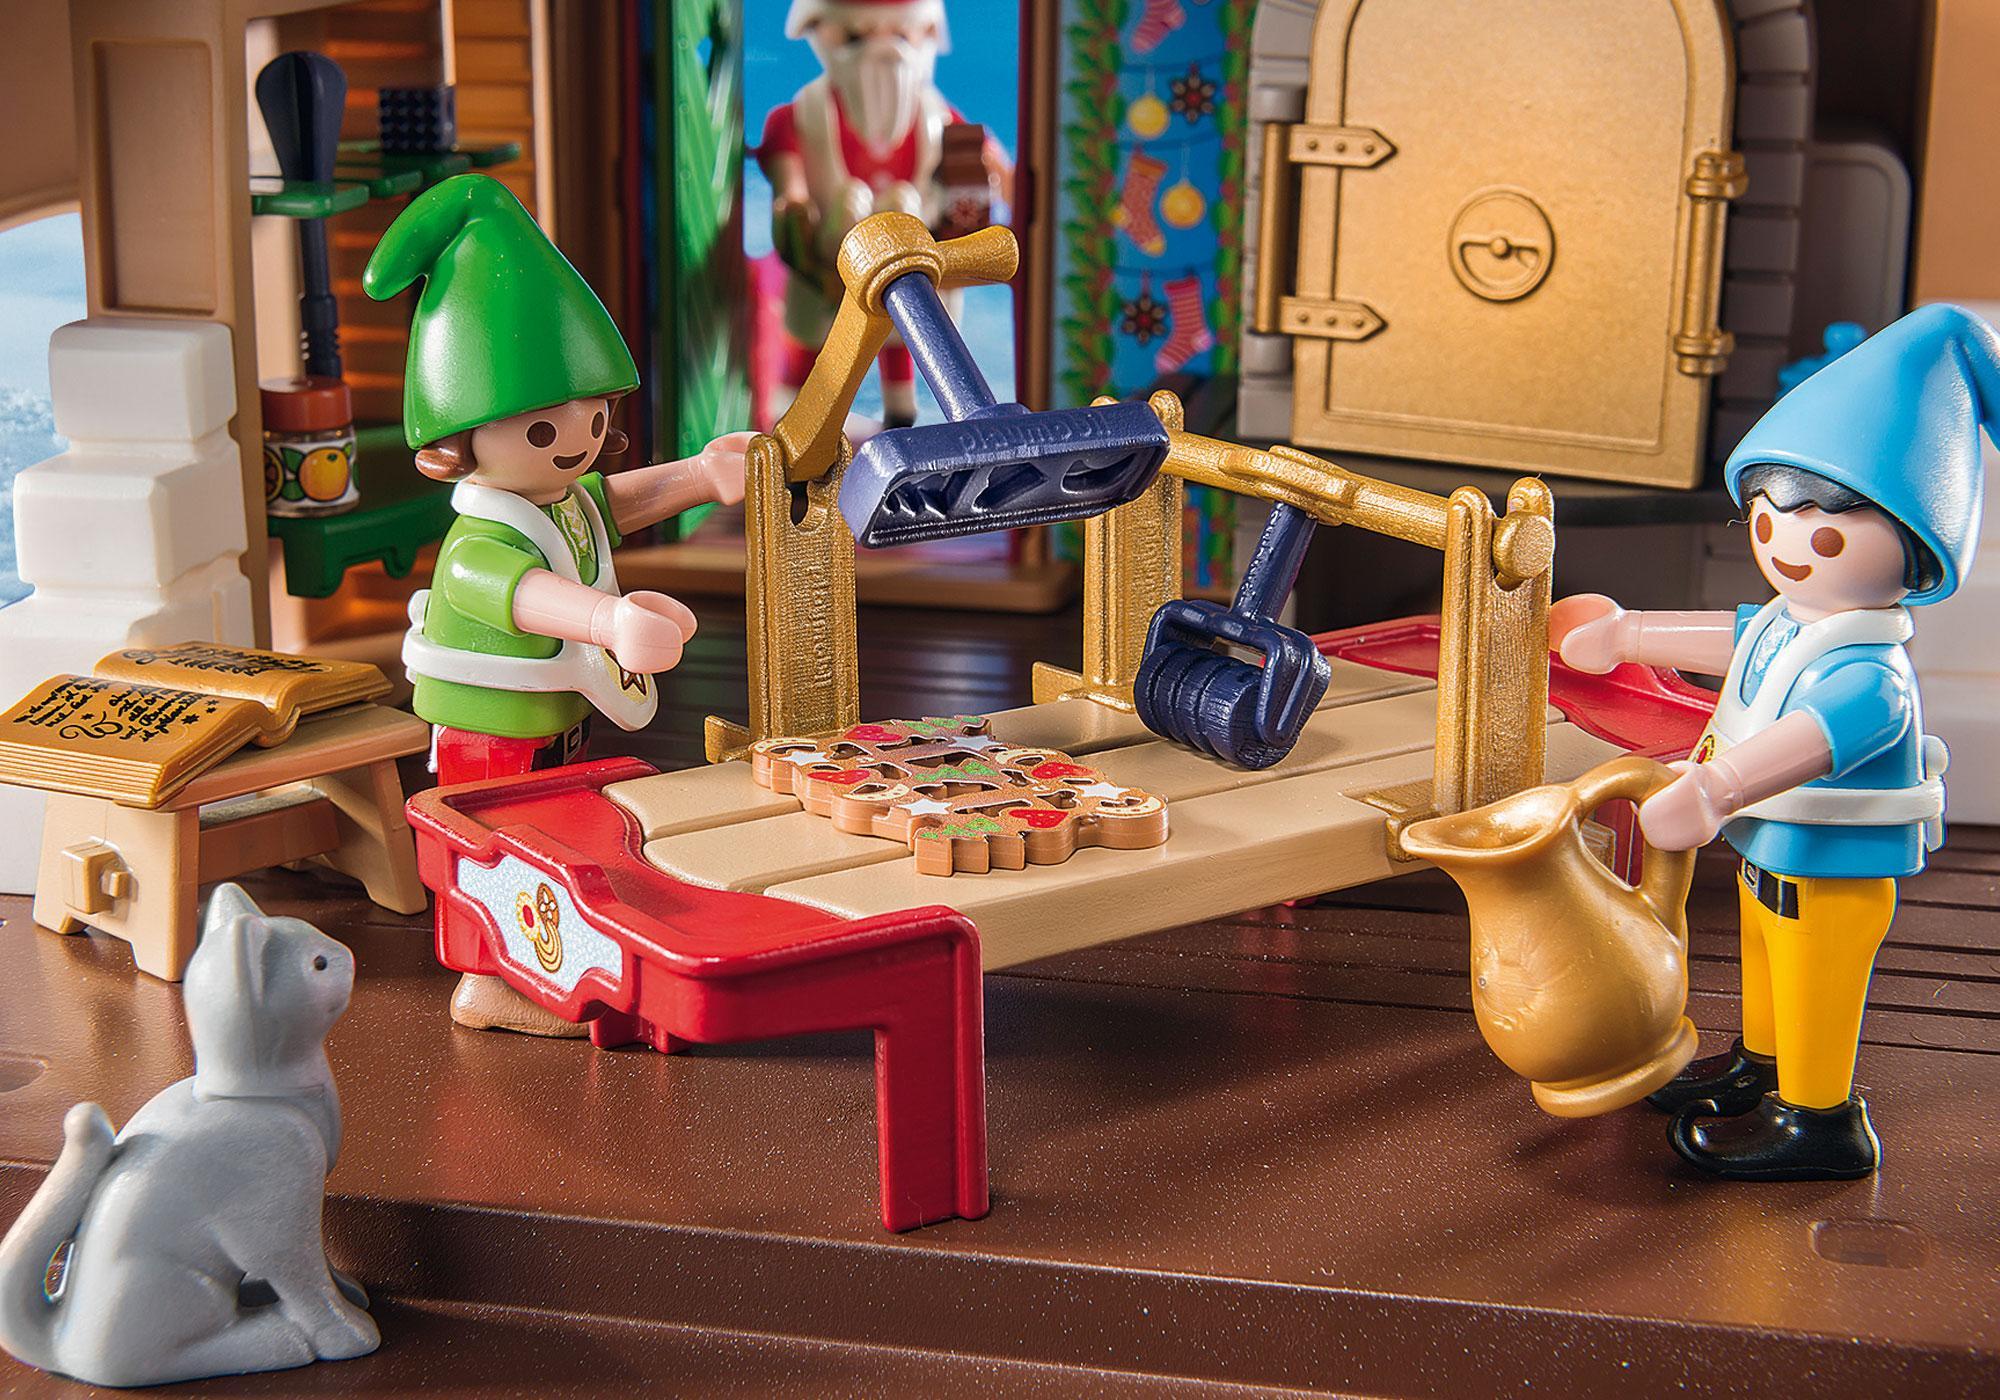 http://media.playmobil.com/i/playmobil/9493_product_extra3/Panadería Navideña